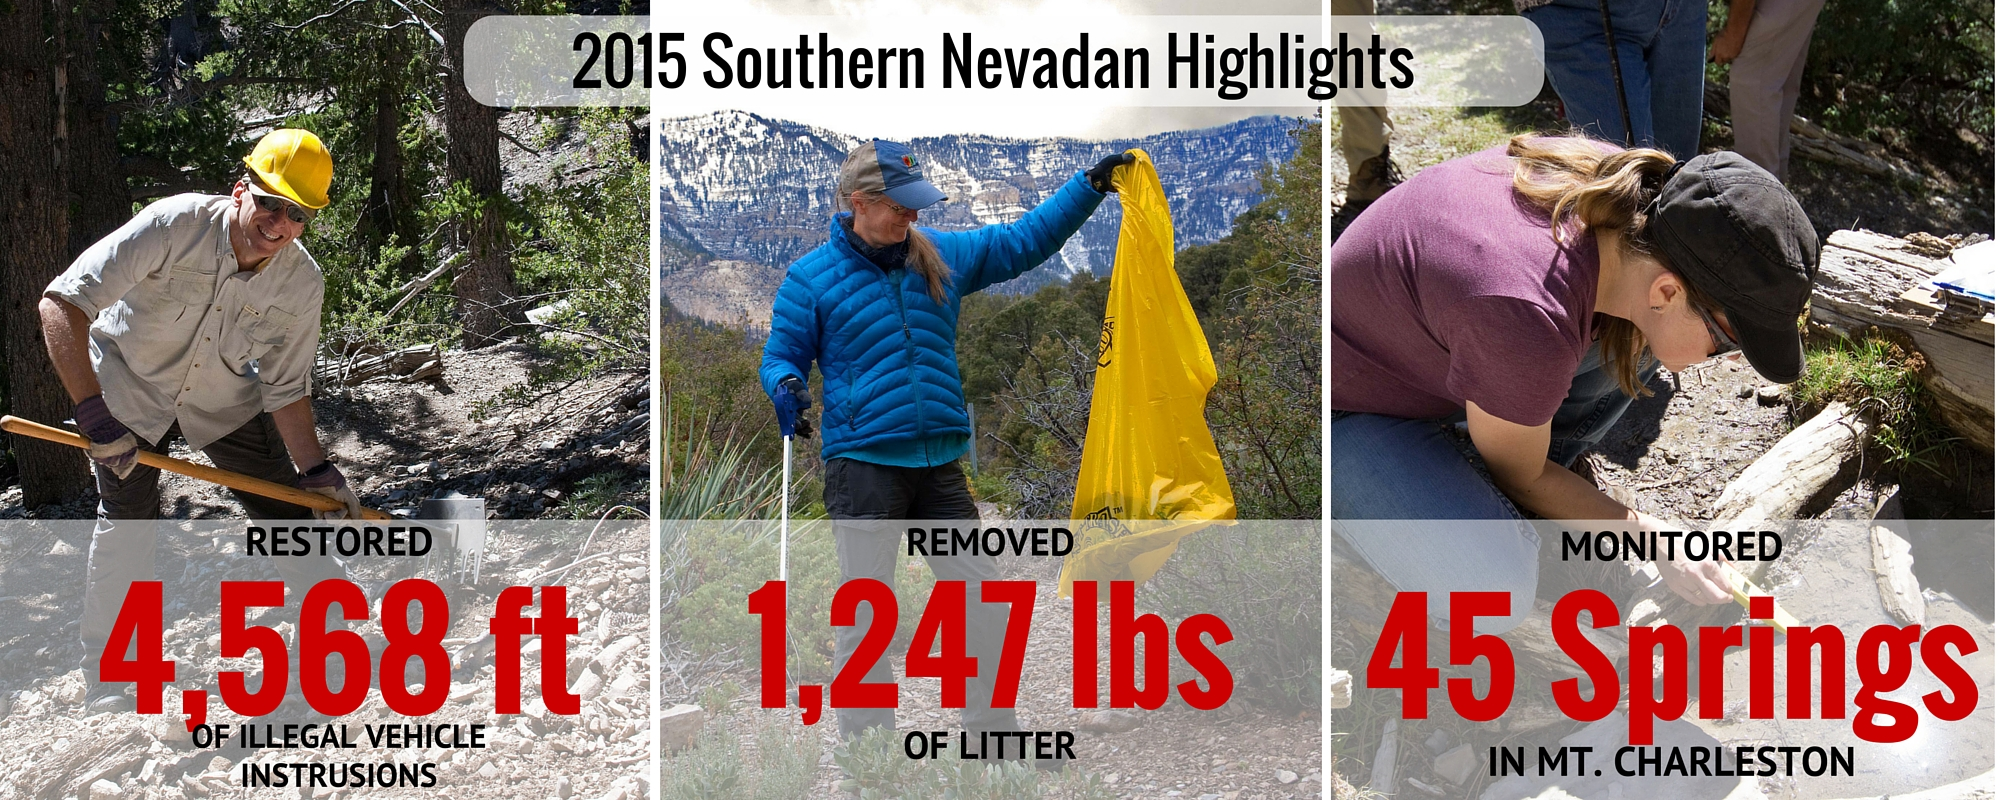 2015_Southern_NV_Highlights.jpg